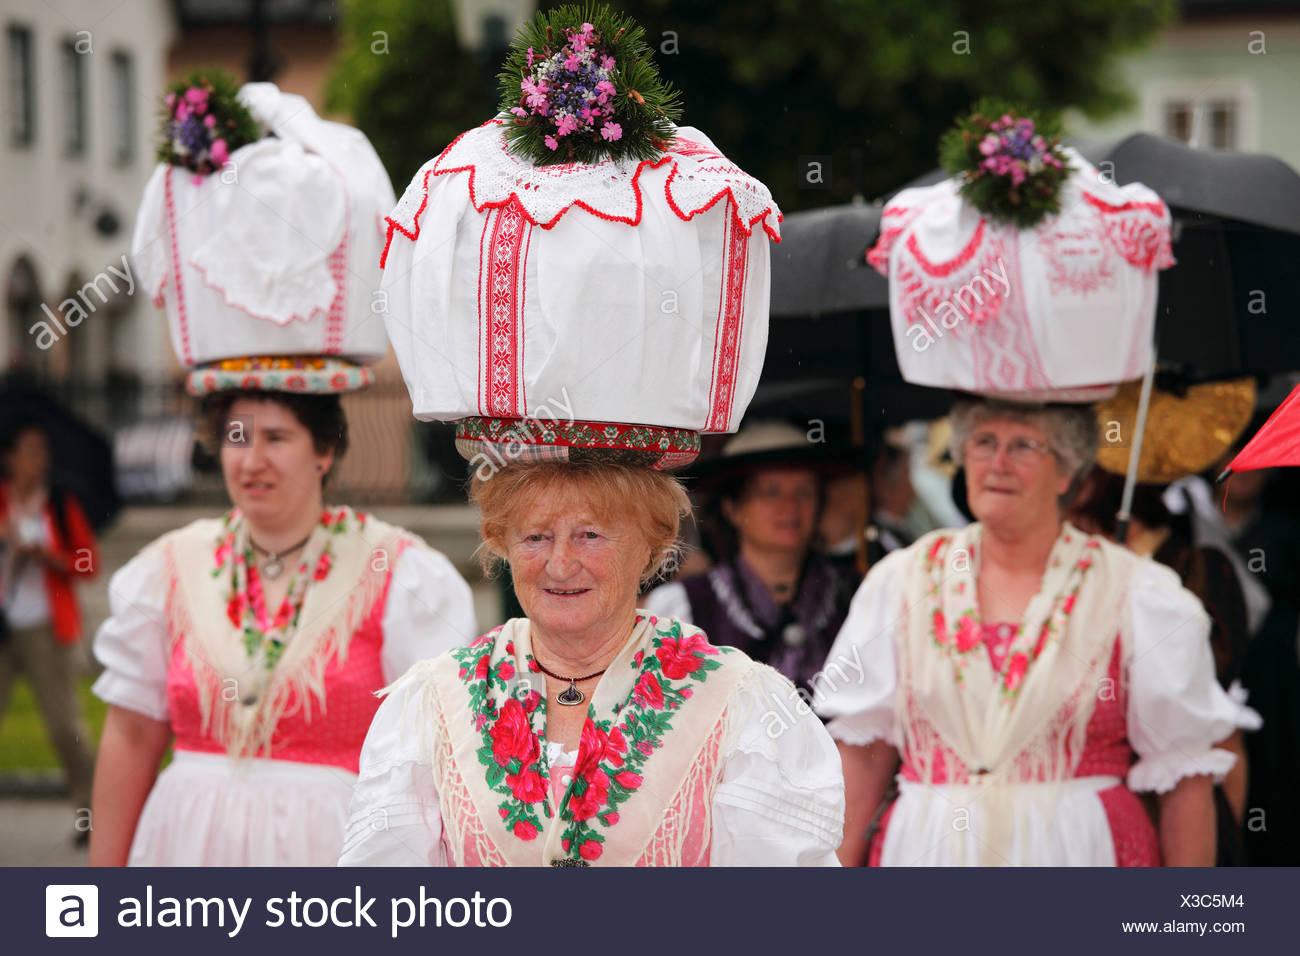 Frauen in traditioneller Tracht von Gosau in Oberösterreich, Narzissenfest Narcissus-Festival in Bad Aussee, Ausseer Land, Salzkam Stockbild